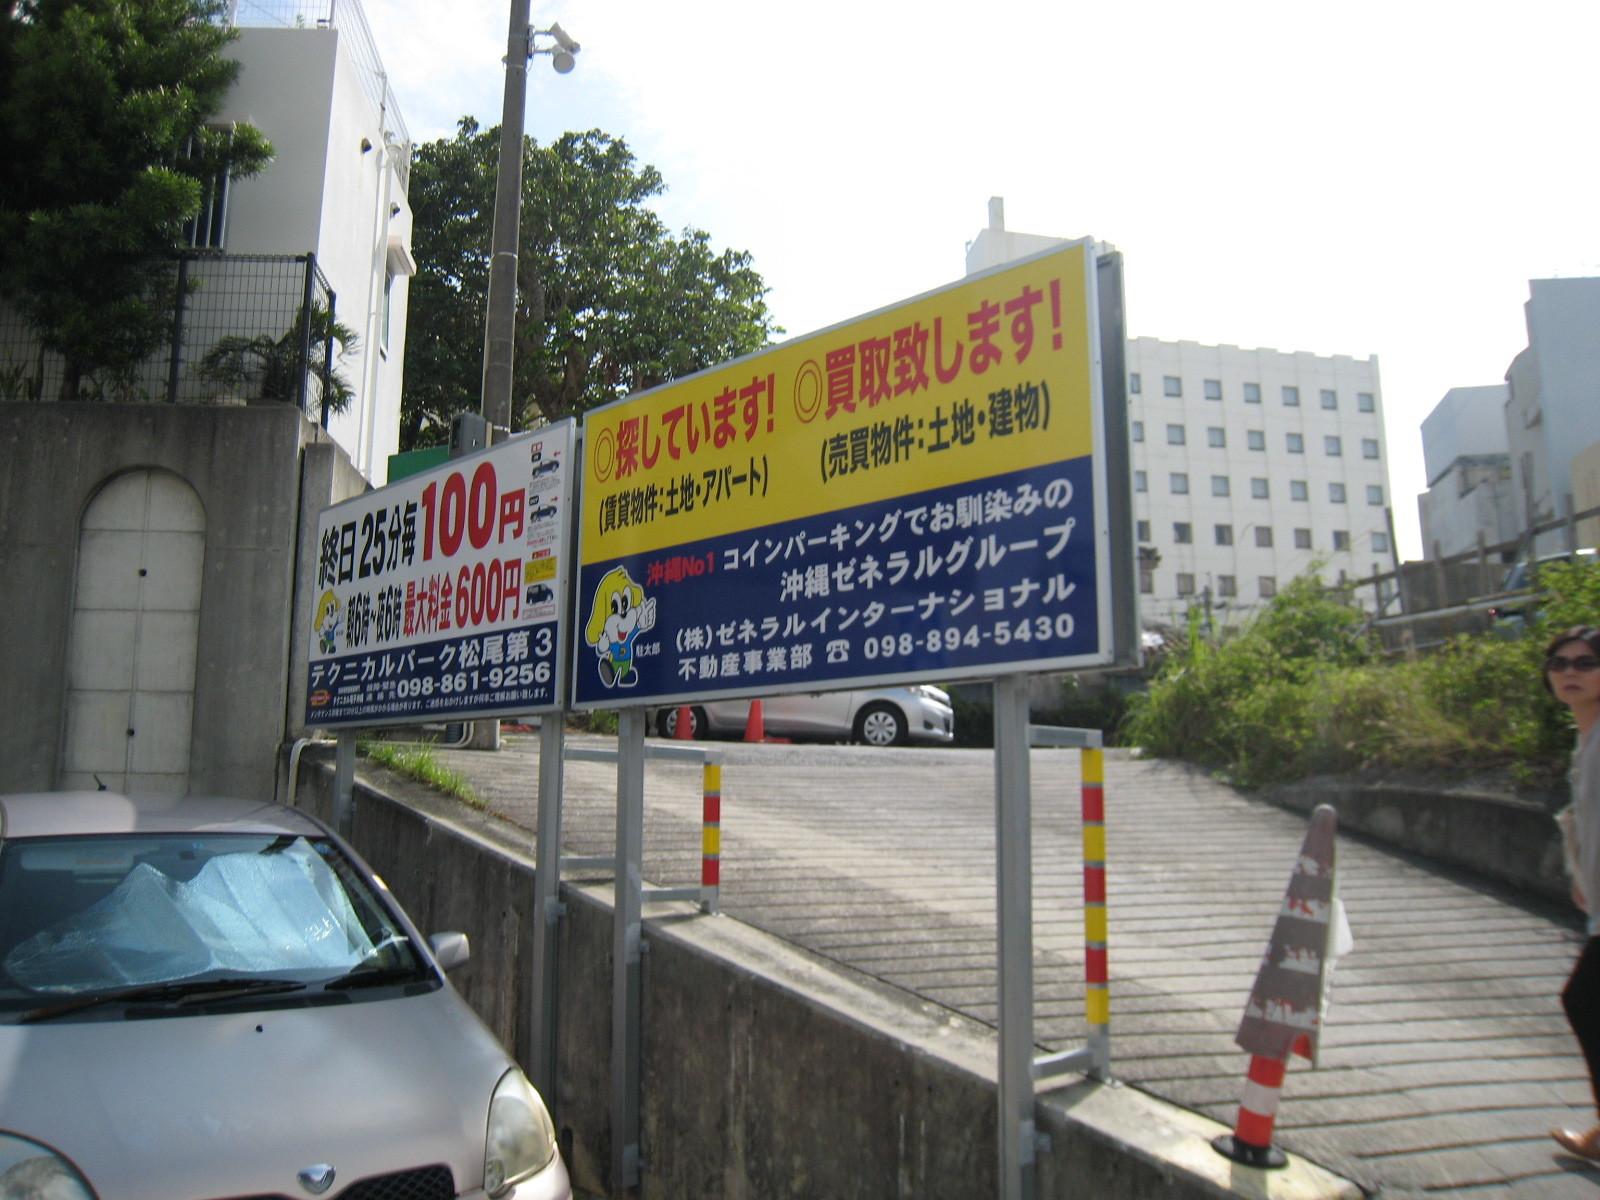 沖縄の旅 その38 国際通り その1_e0021092_12541862.jpg